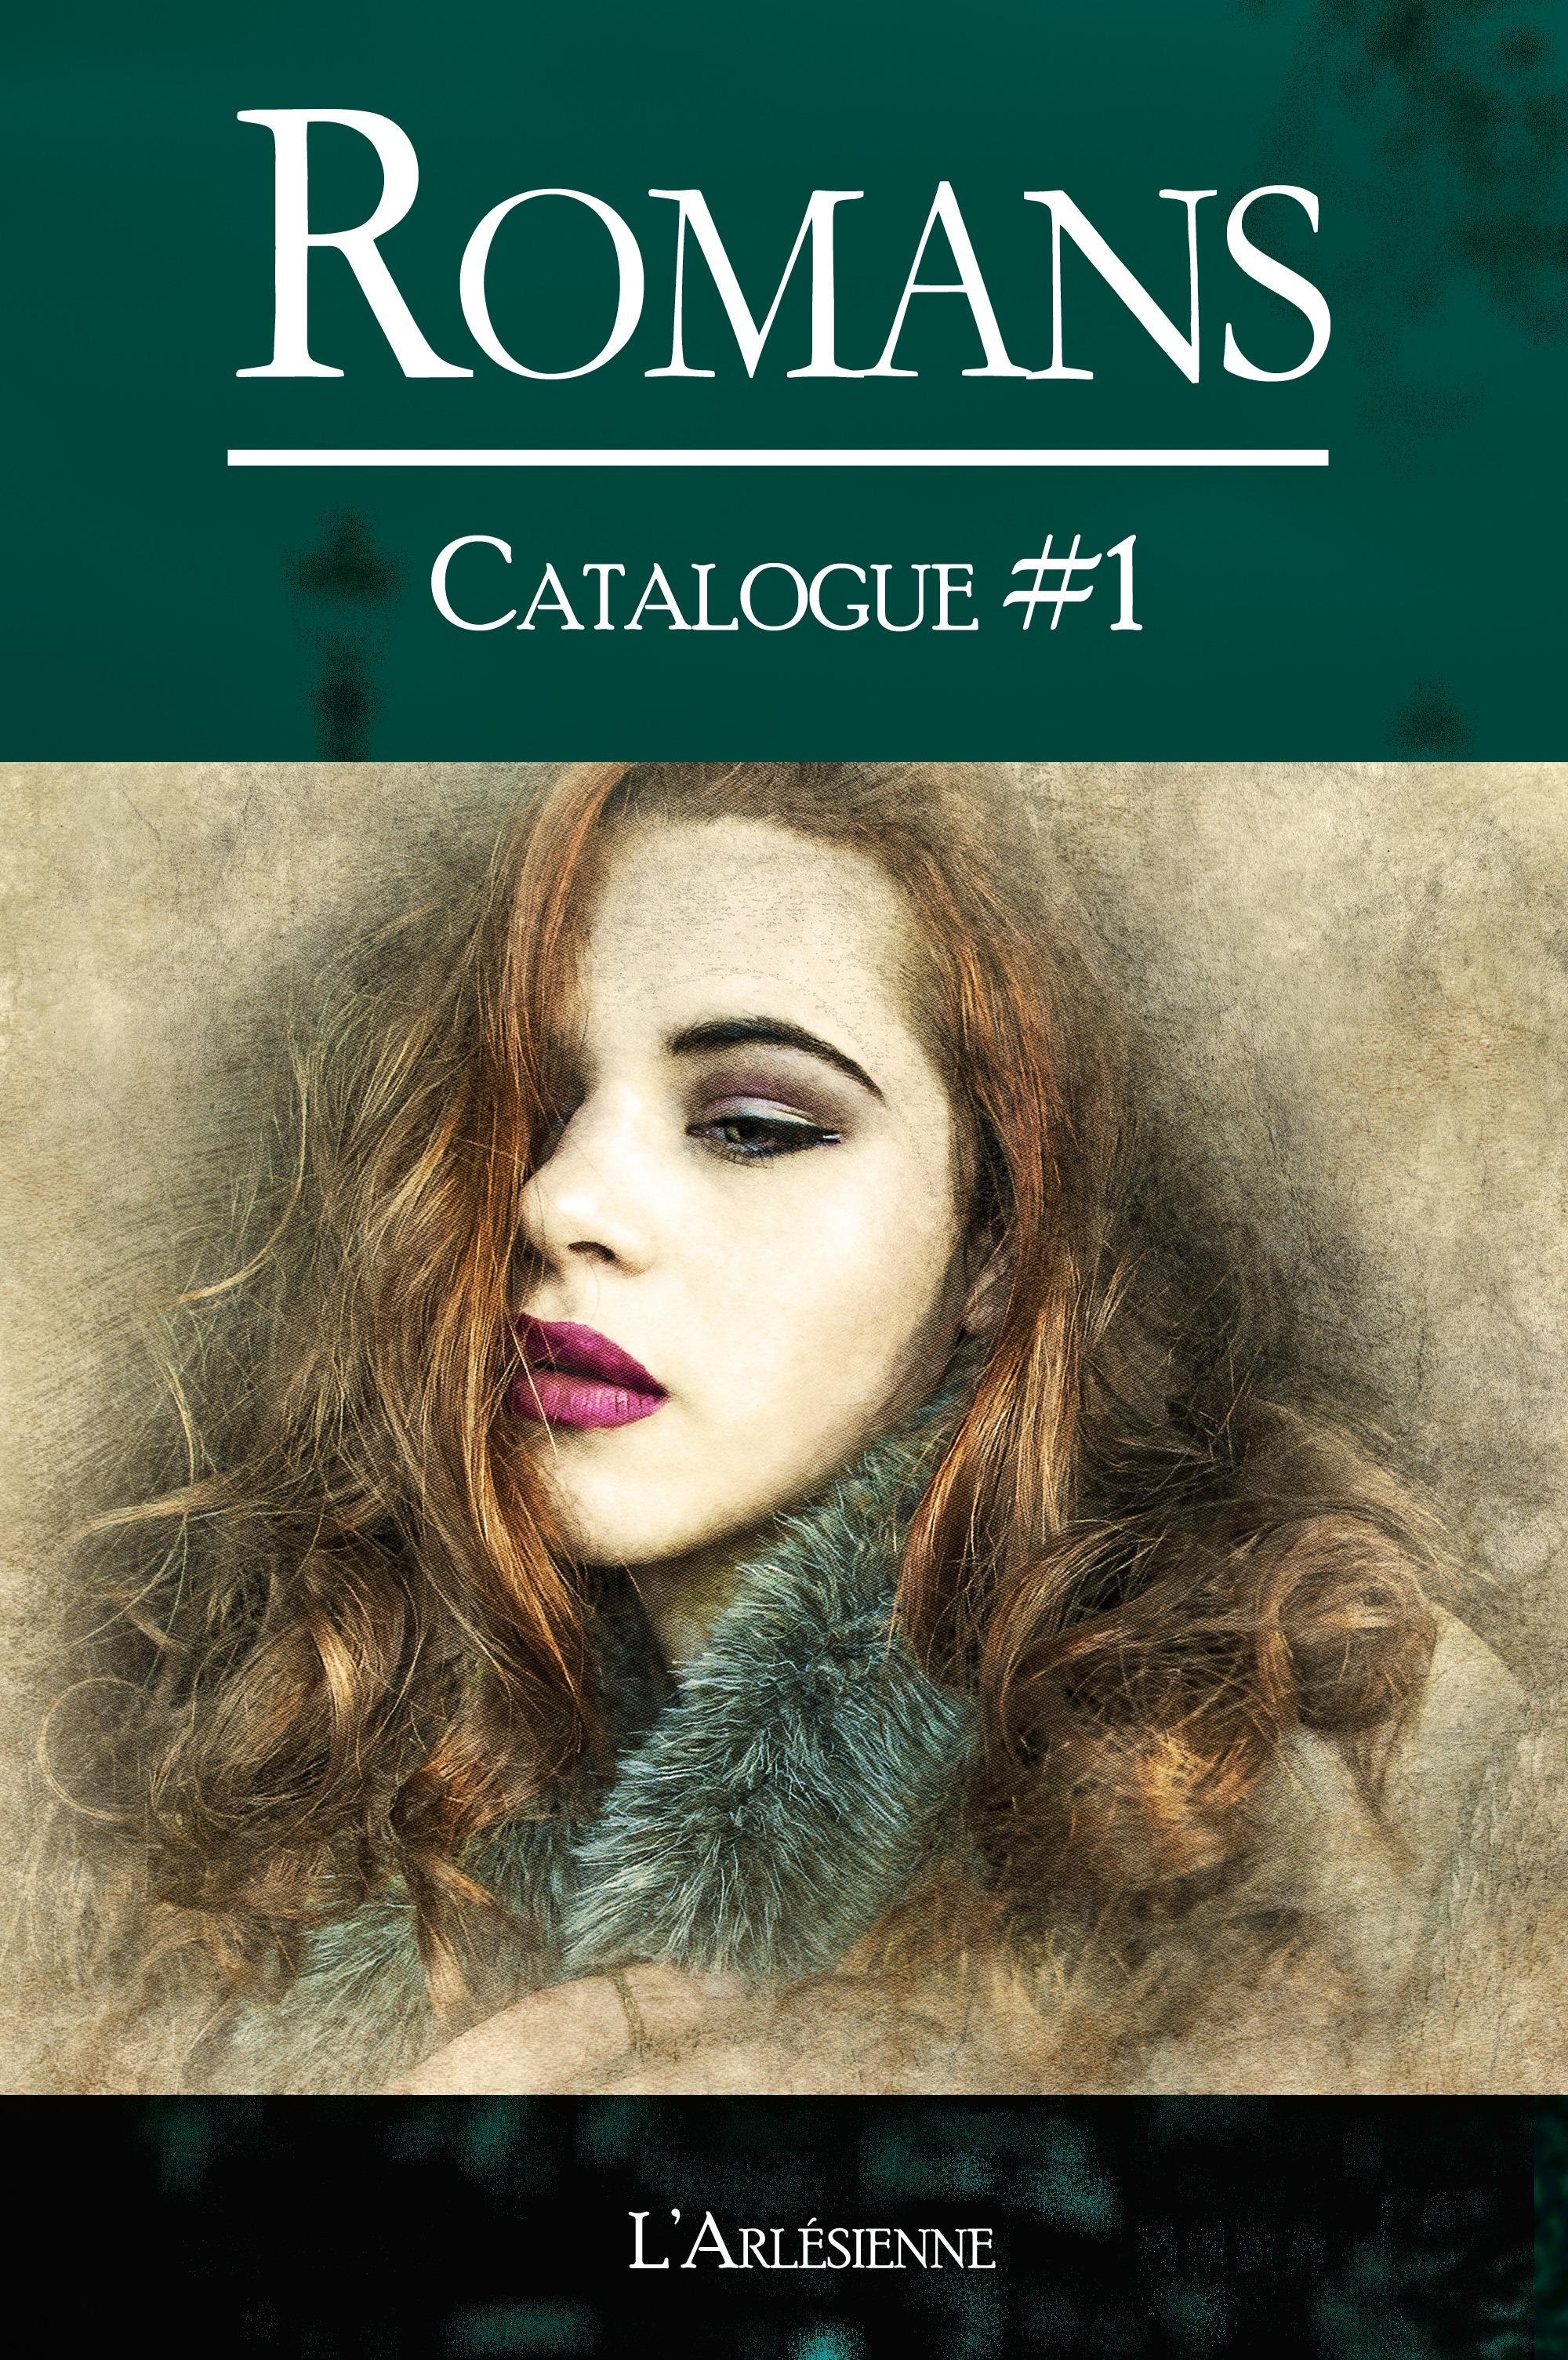 Romans #1, CATALOGUE